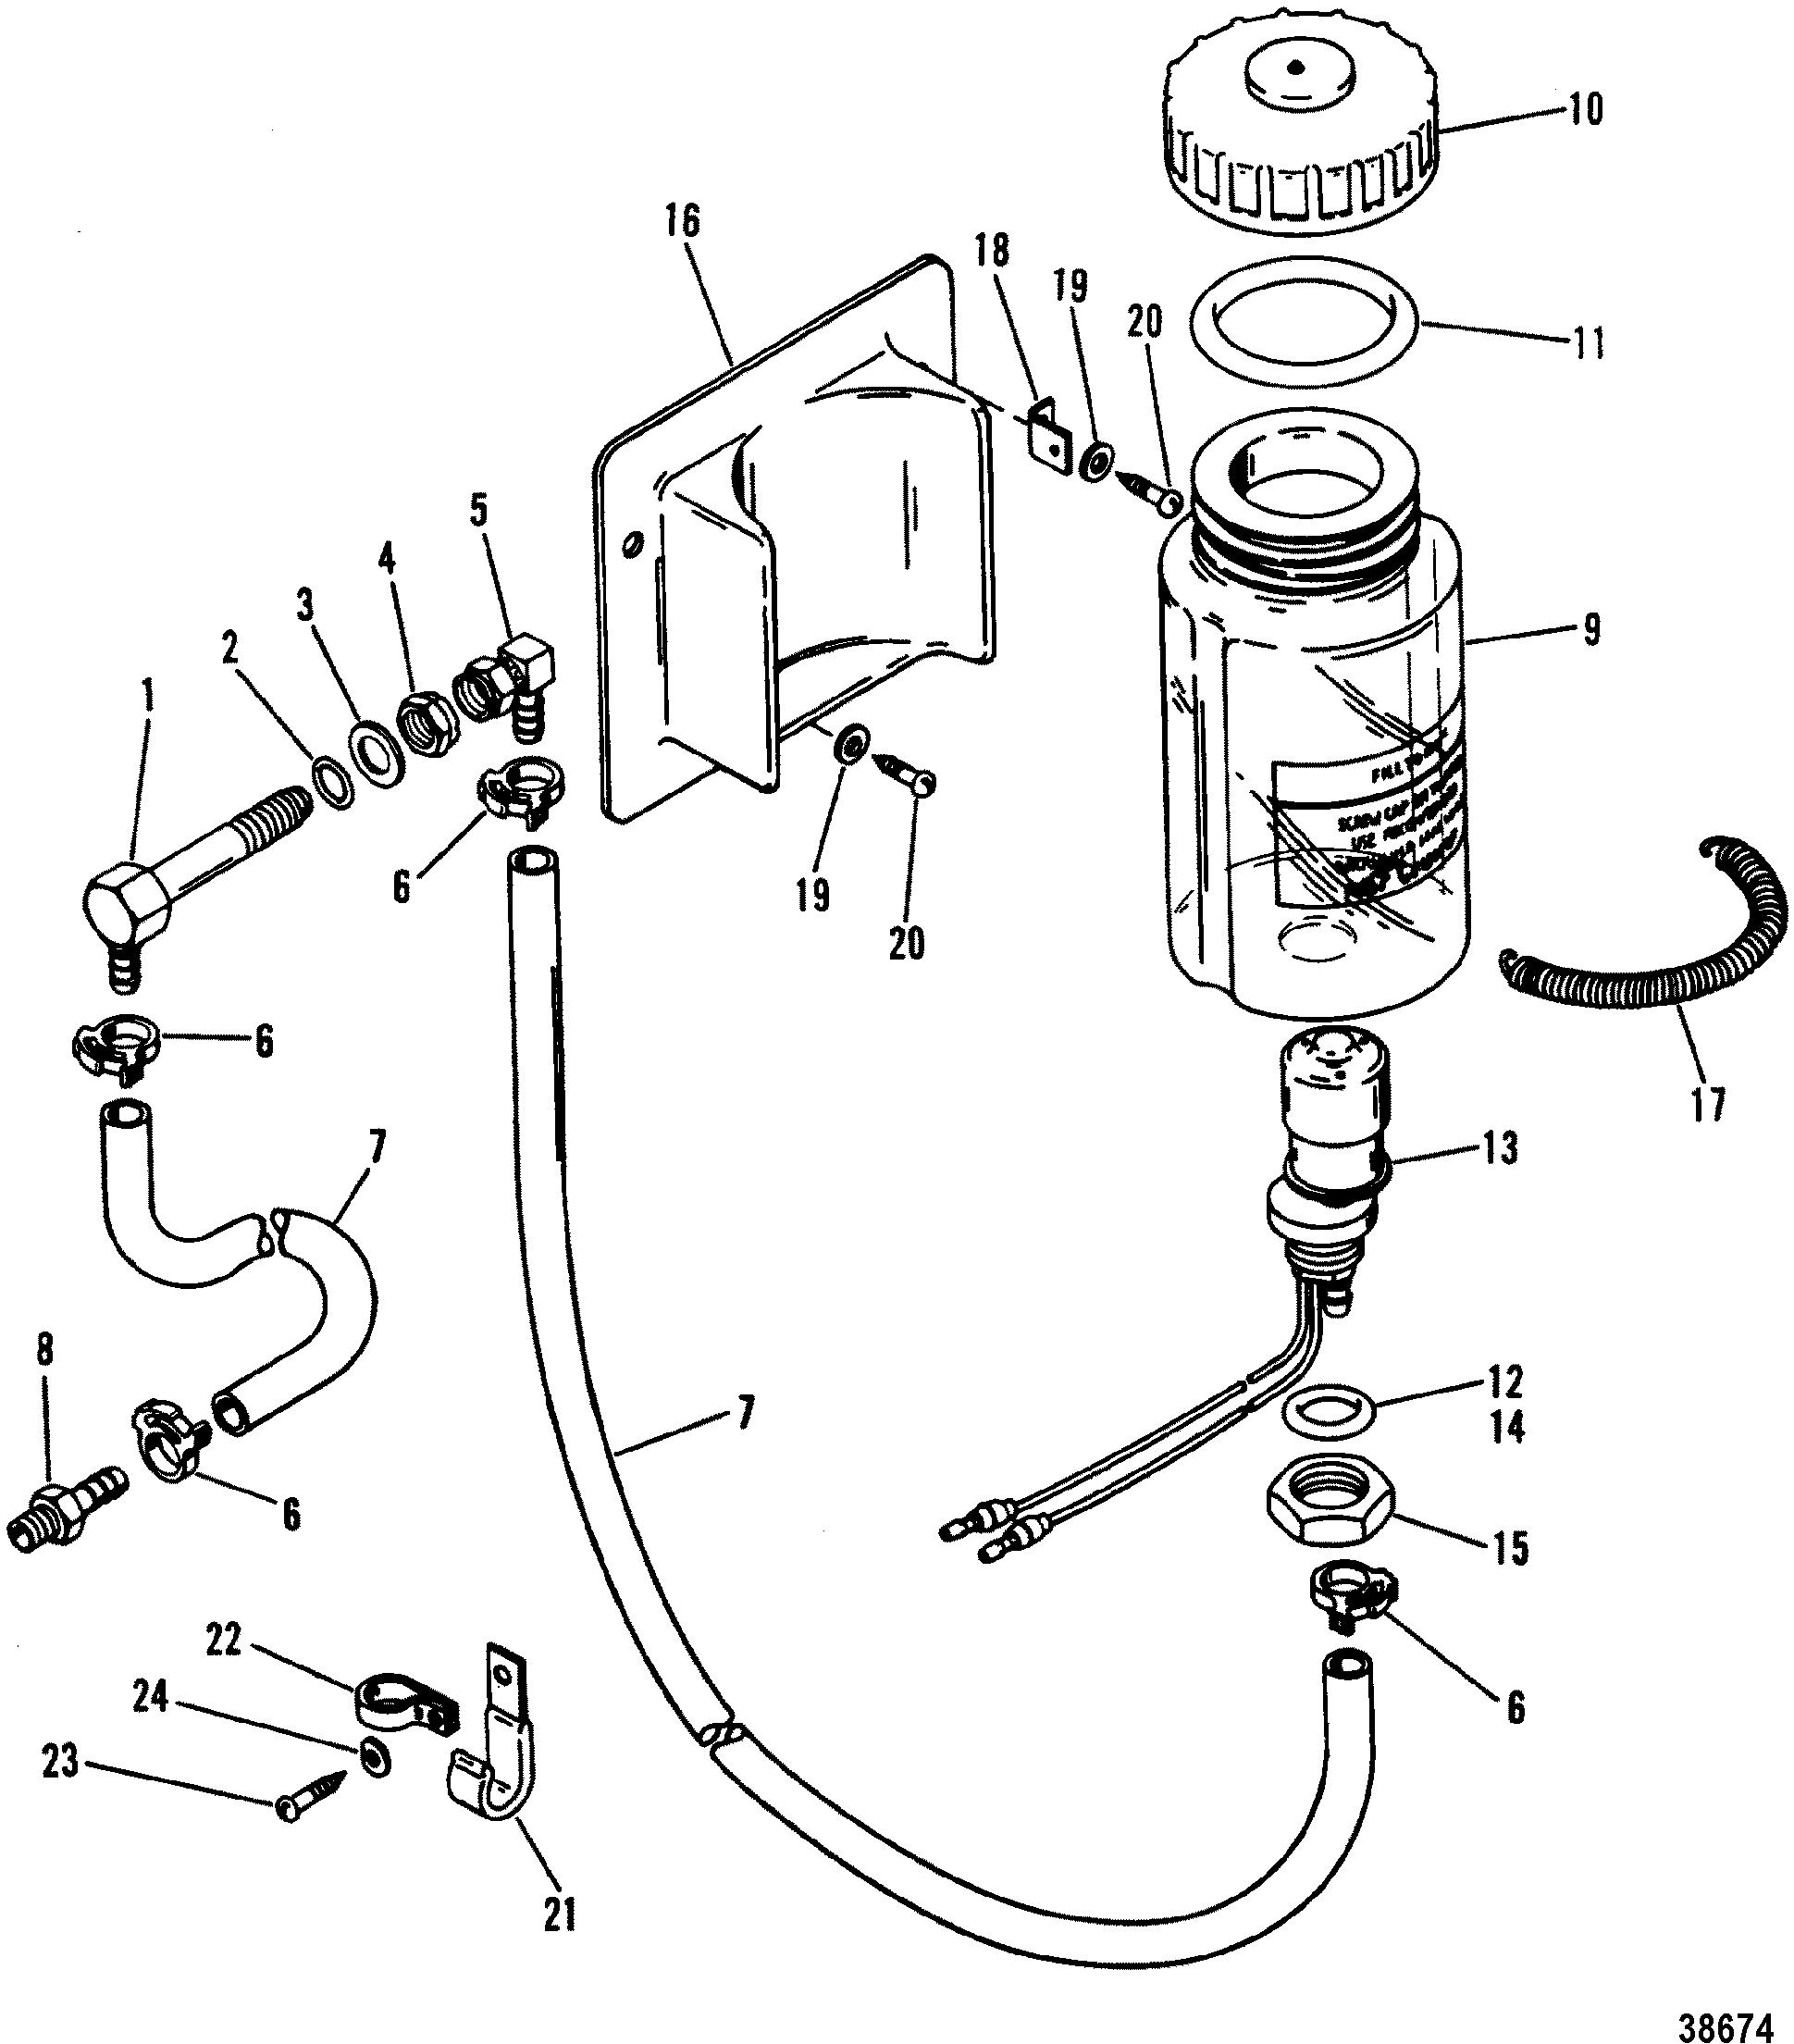 how to change oil mercruiser 5.7